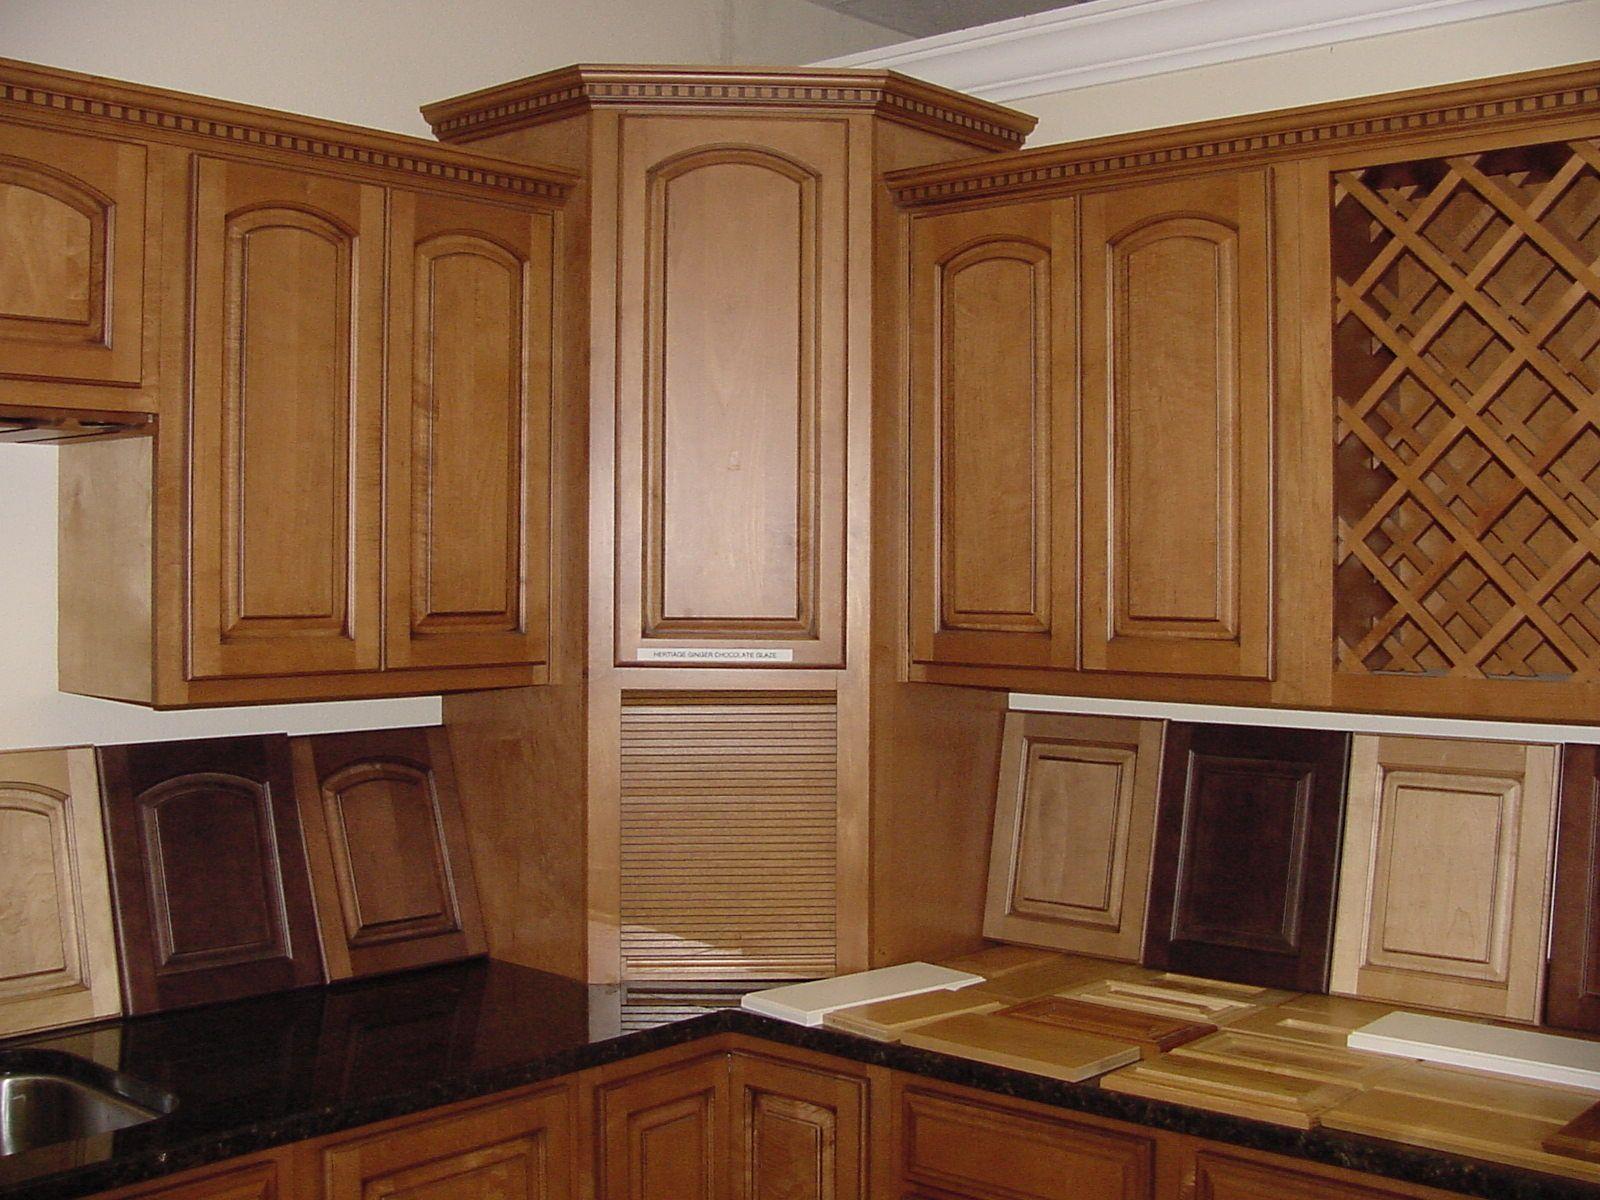 Pin By Paulo Henrique Brincker On Home Design Ideas Corner Kitchen Cabinet Kitchen Pantry Storage Cabinet Kitchen Pantry Cabinets